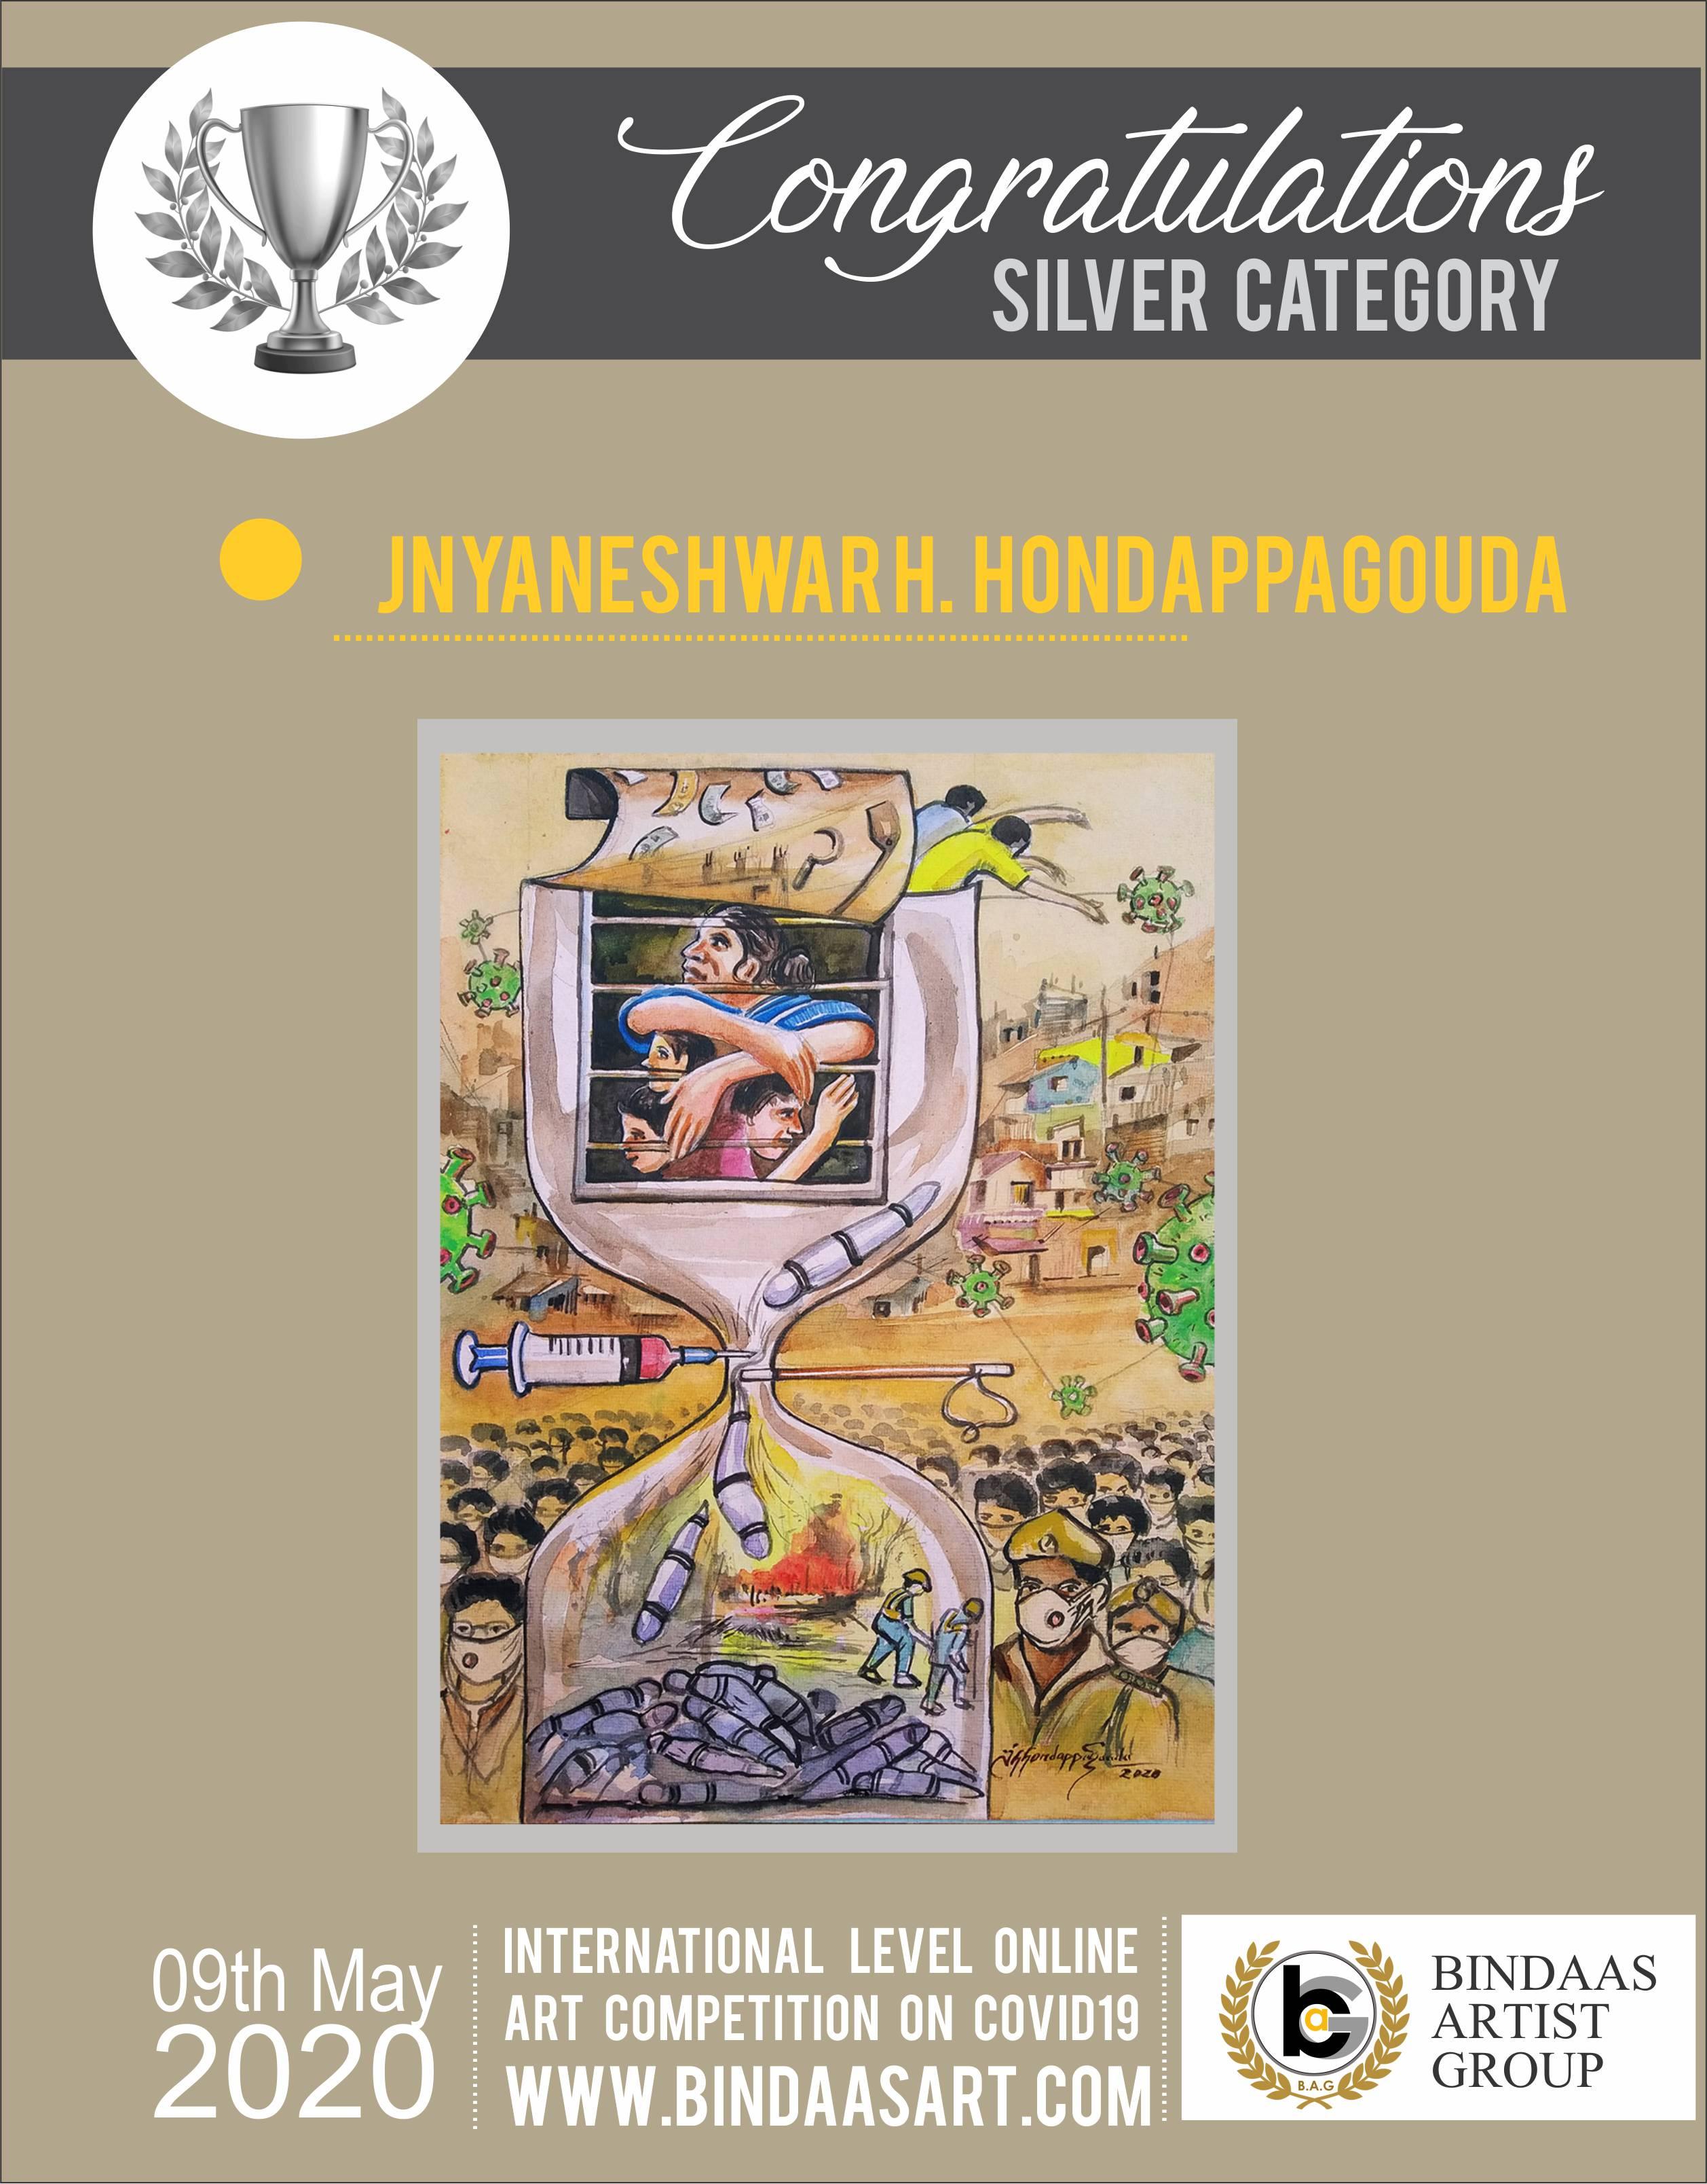 Jnyaneshwar H. Hondappagouda